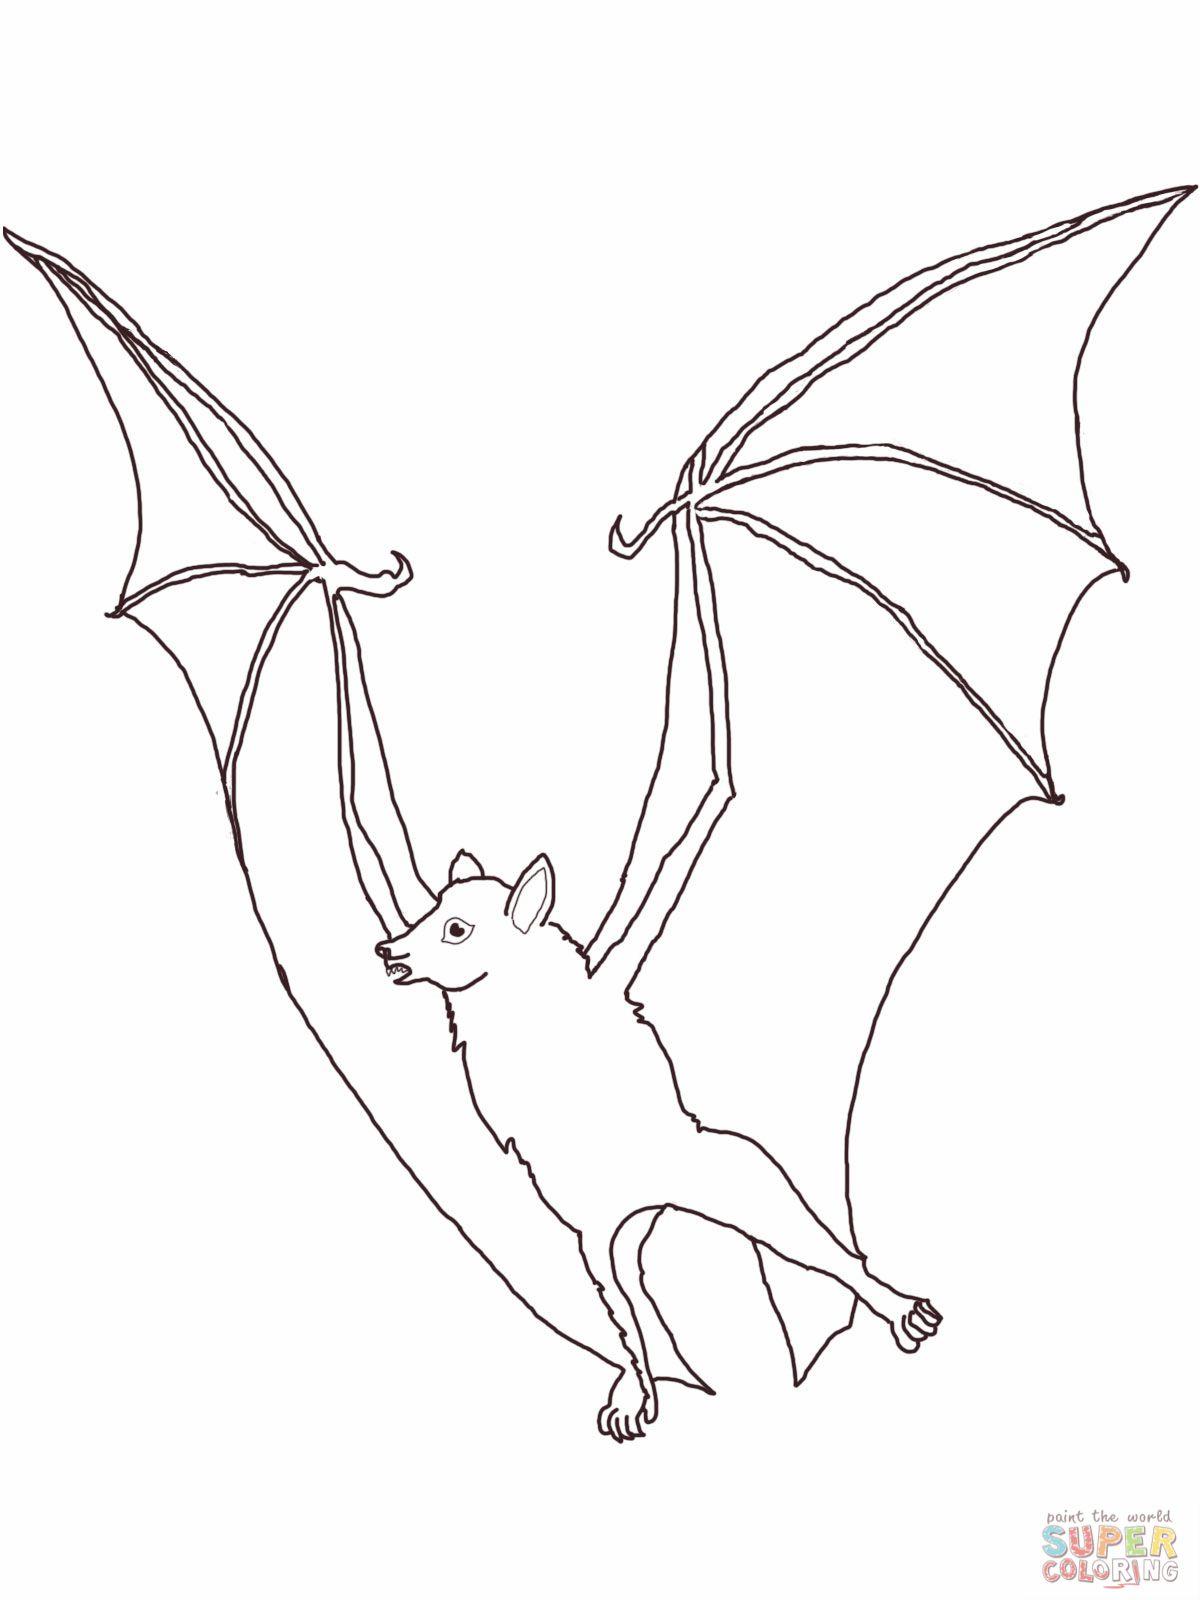 Fruit Bat Coloring Page Bat Coloring Pages Monster Coloring Pages Coloring Pages